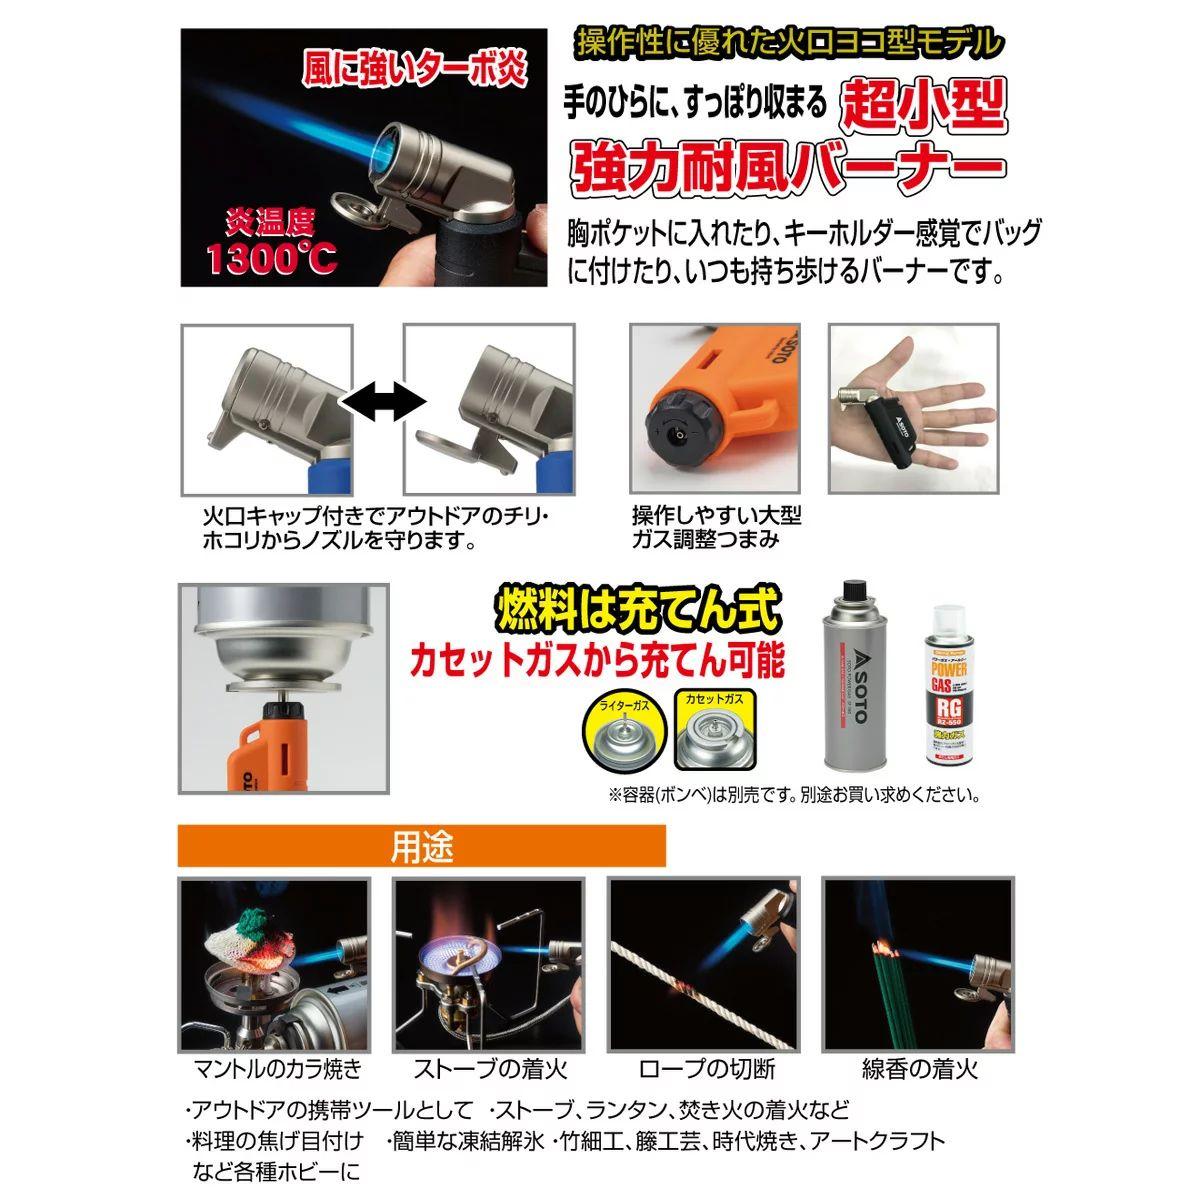 SOTO ソト 新富士バーナー ST-486CT SOTO マイクロトーチ ACTIVE コヨーテ